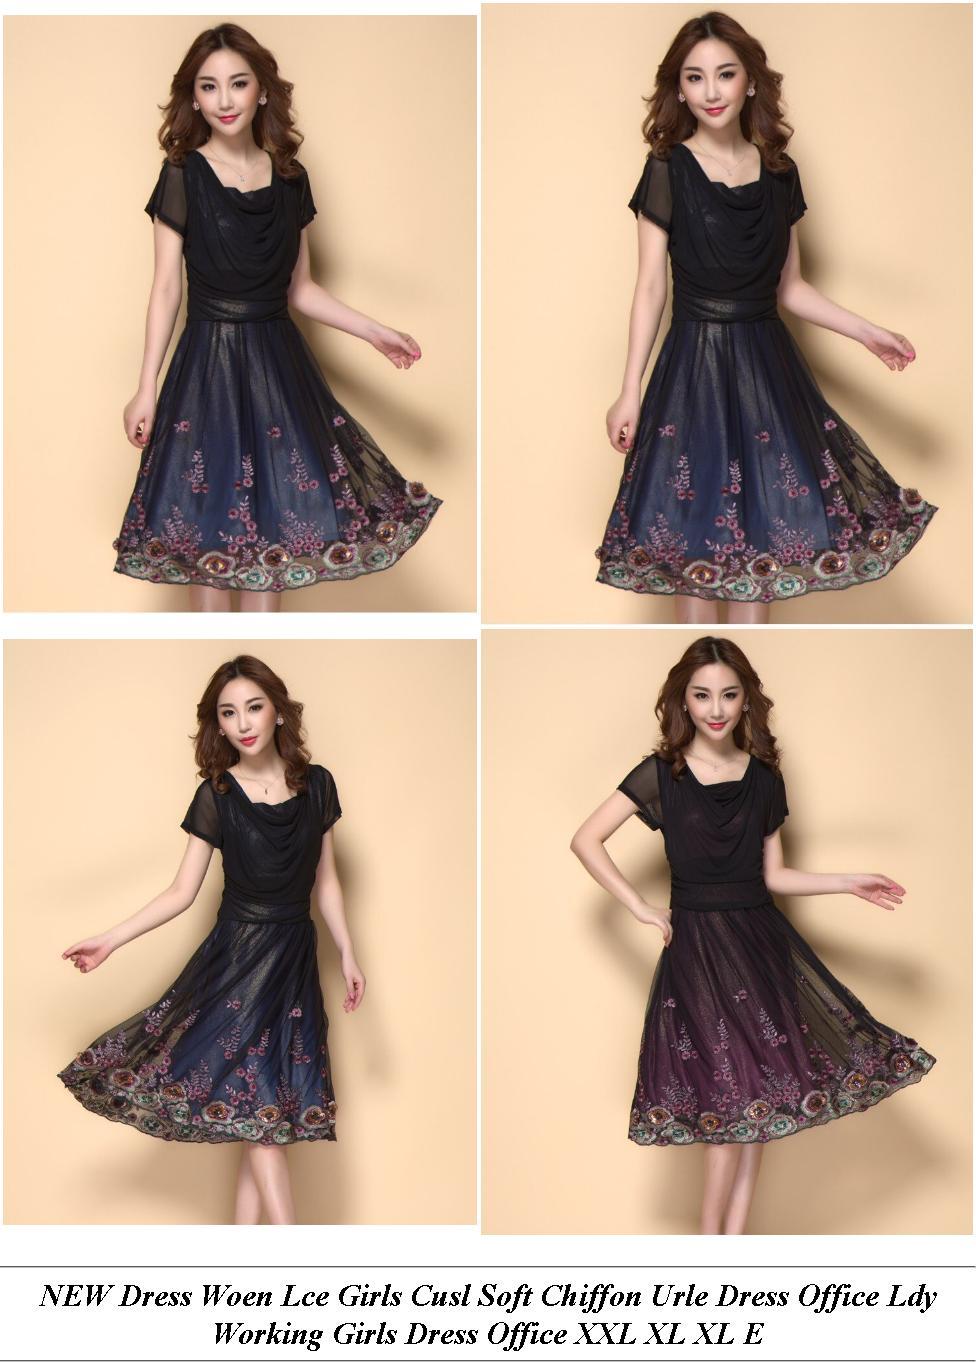 Cheap Long Dresses Plus Size - Est Clearance Sales After Christmas - Wholesale Ridesmaid Dresses Australia